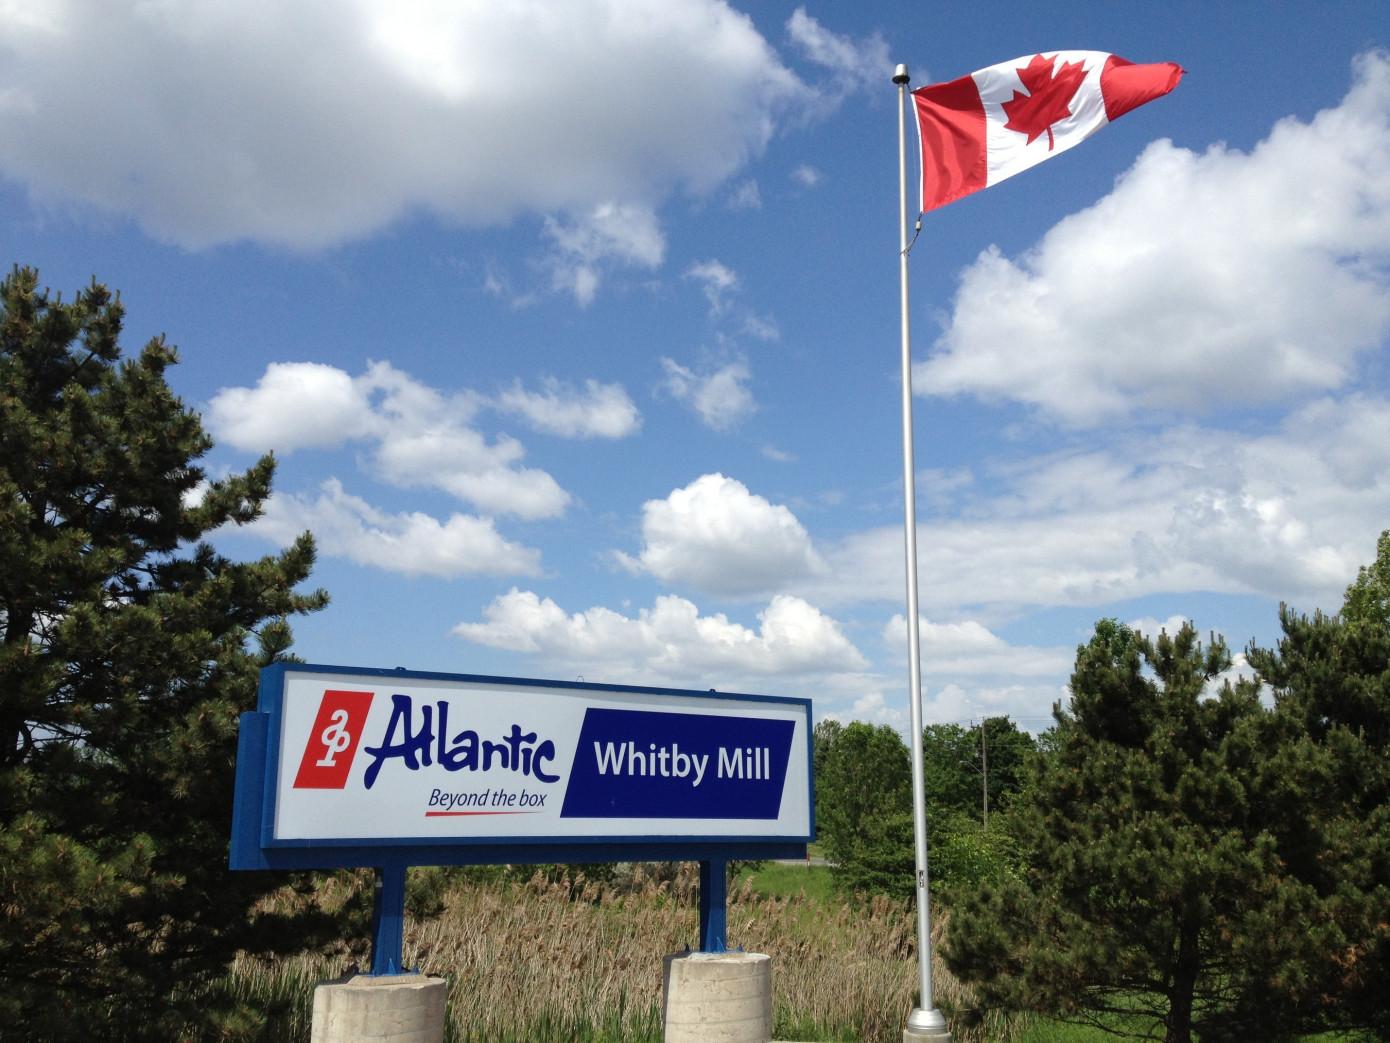 Atlantic Packaging Products установит новую бумагоделательную машину на заводе в Канаде